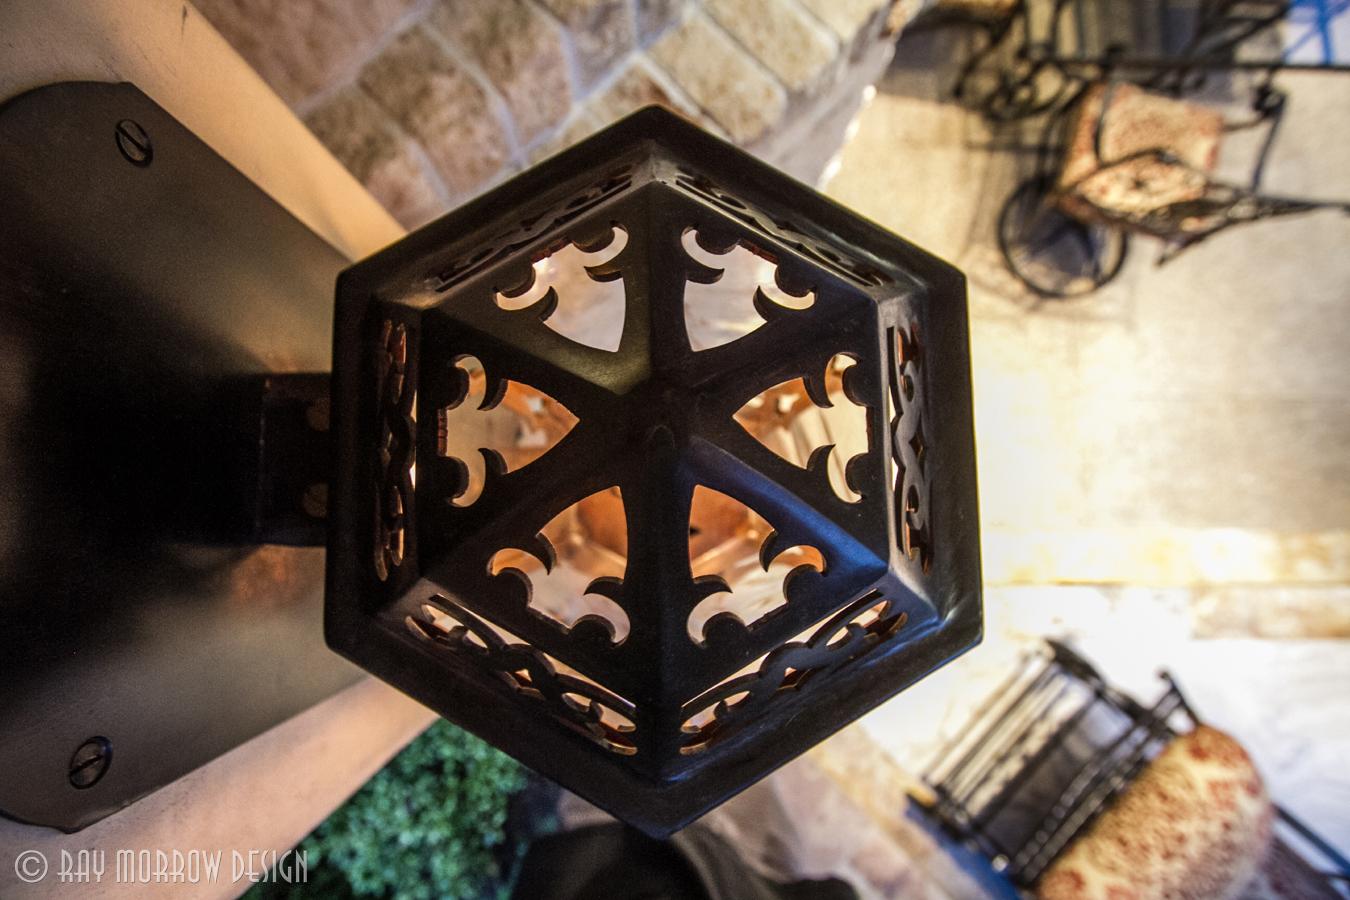 custom-light-gas-lamp-above-dana-point.jpg